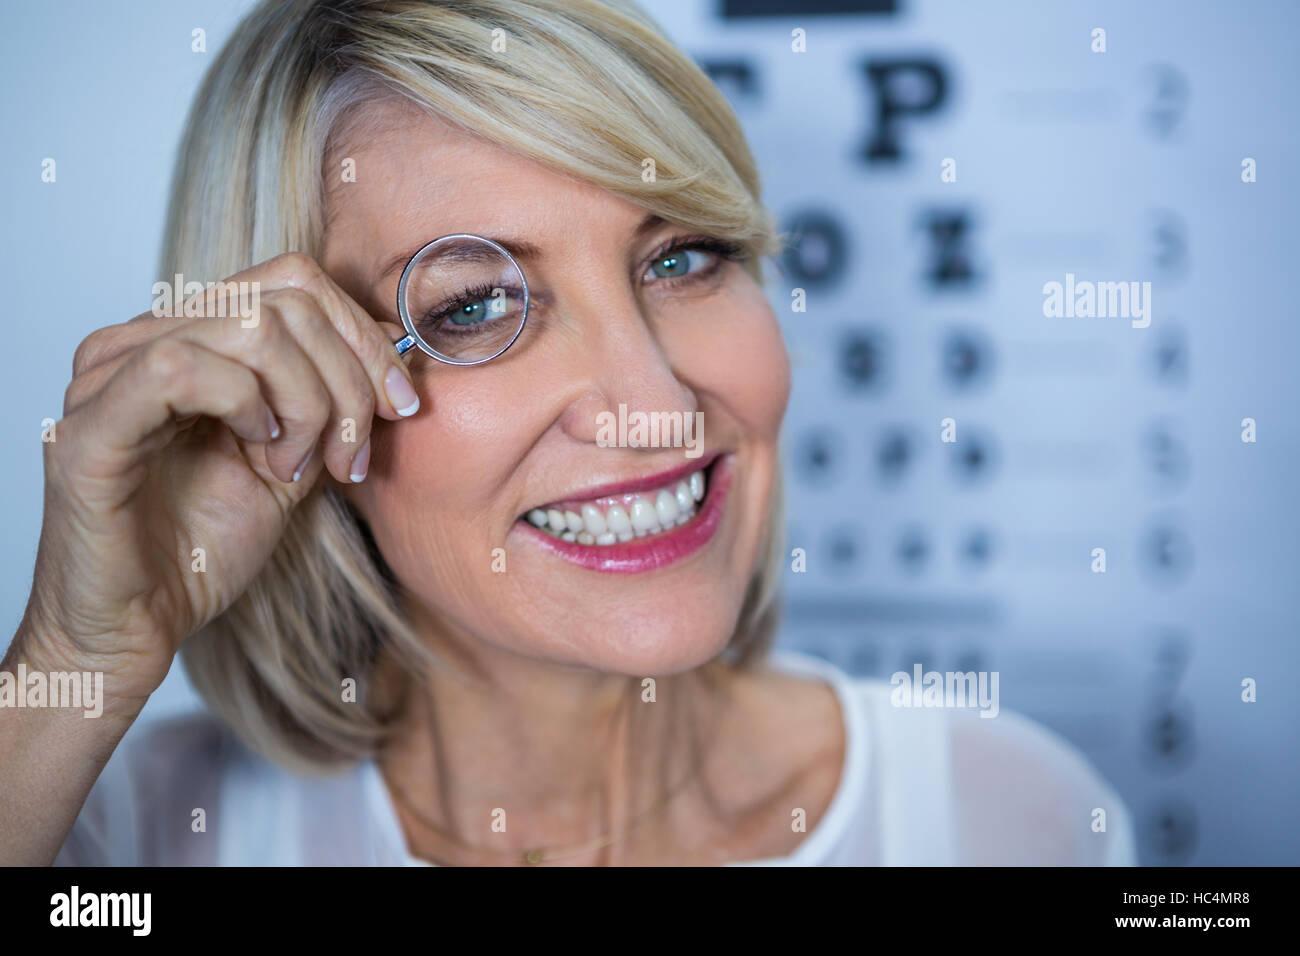 Paciente femenina mirando a través de una lupa Foto de stock